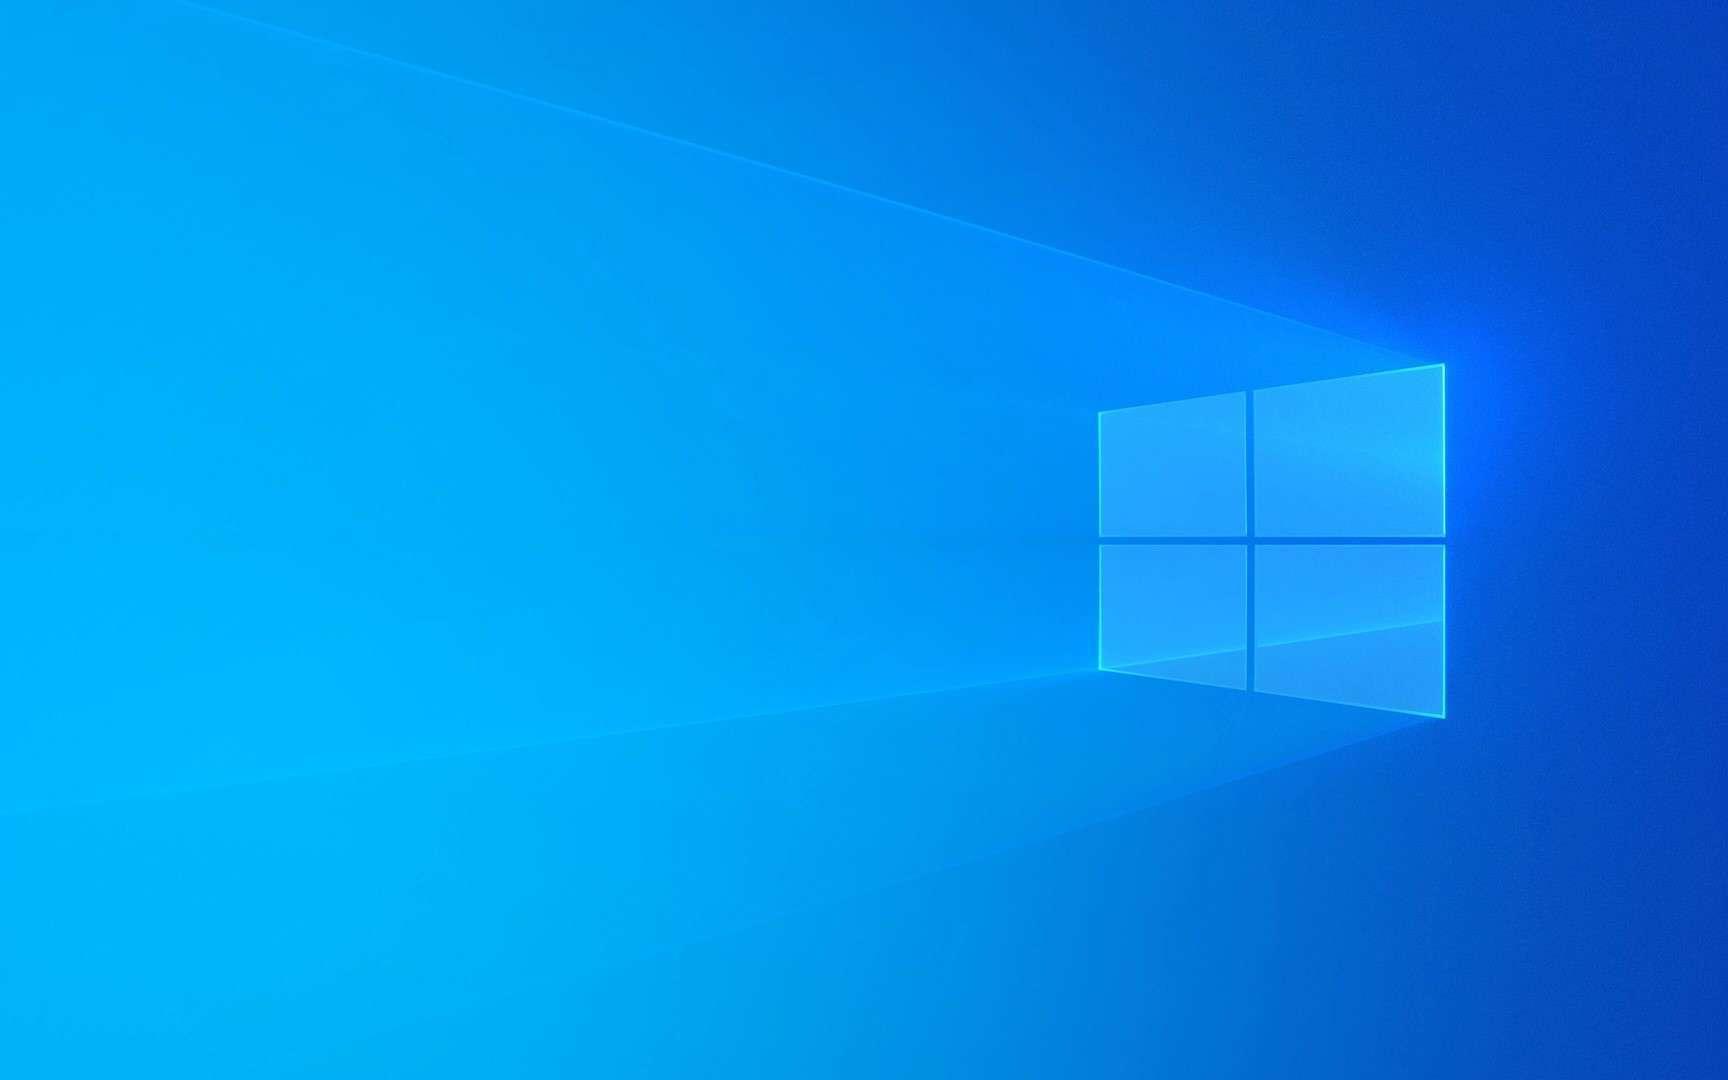 Windows 10 : attention, un ransomware piège les utilisateurs